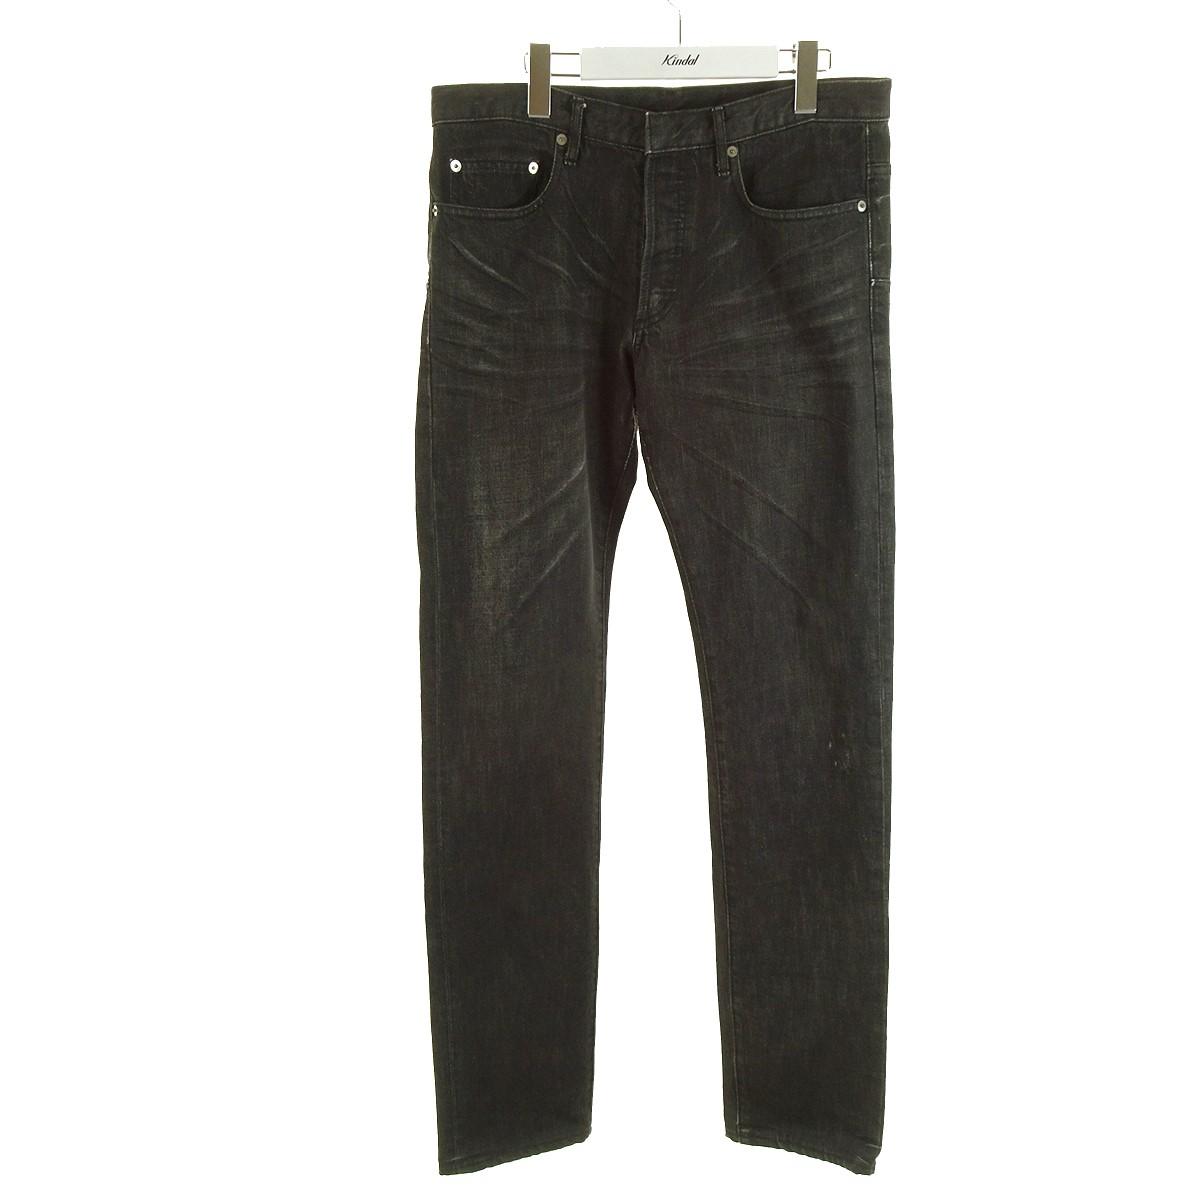 【中古】Dior Homme 爪痕加工デニムパンツ Follow me期 エディ・スリマン 03SS ブラック サイズ:46 【150820】(ディオールオム)